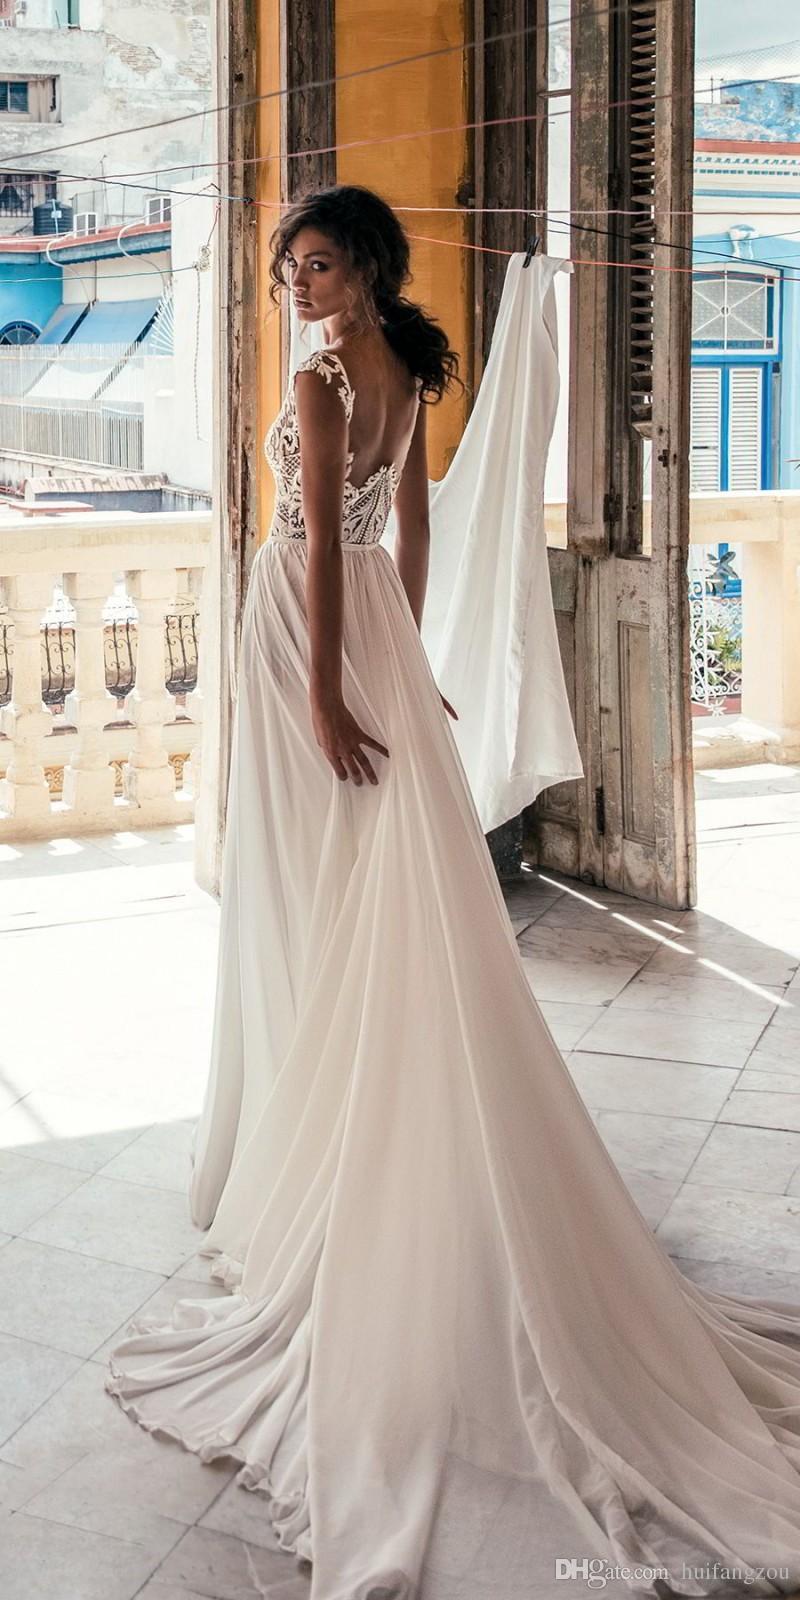 Sexy Julie Vino Une Robe De Mariée En Ligne Avec Haute Split Pas Cher Profond V Cou Illusion Dentelle Applique Robes De Mariée Sur Mesure